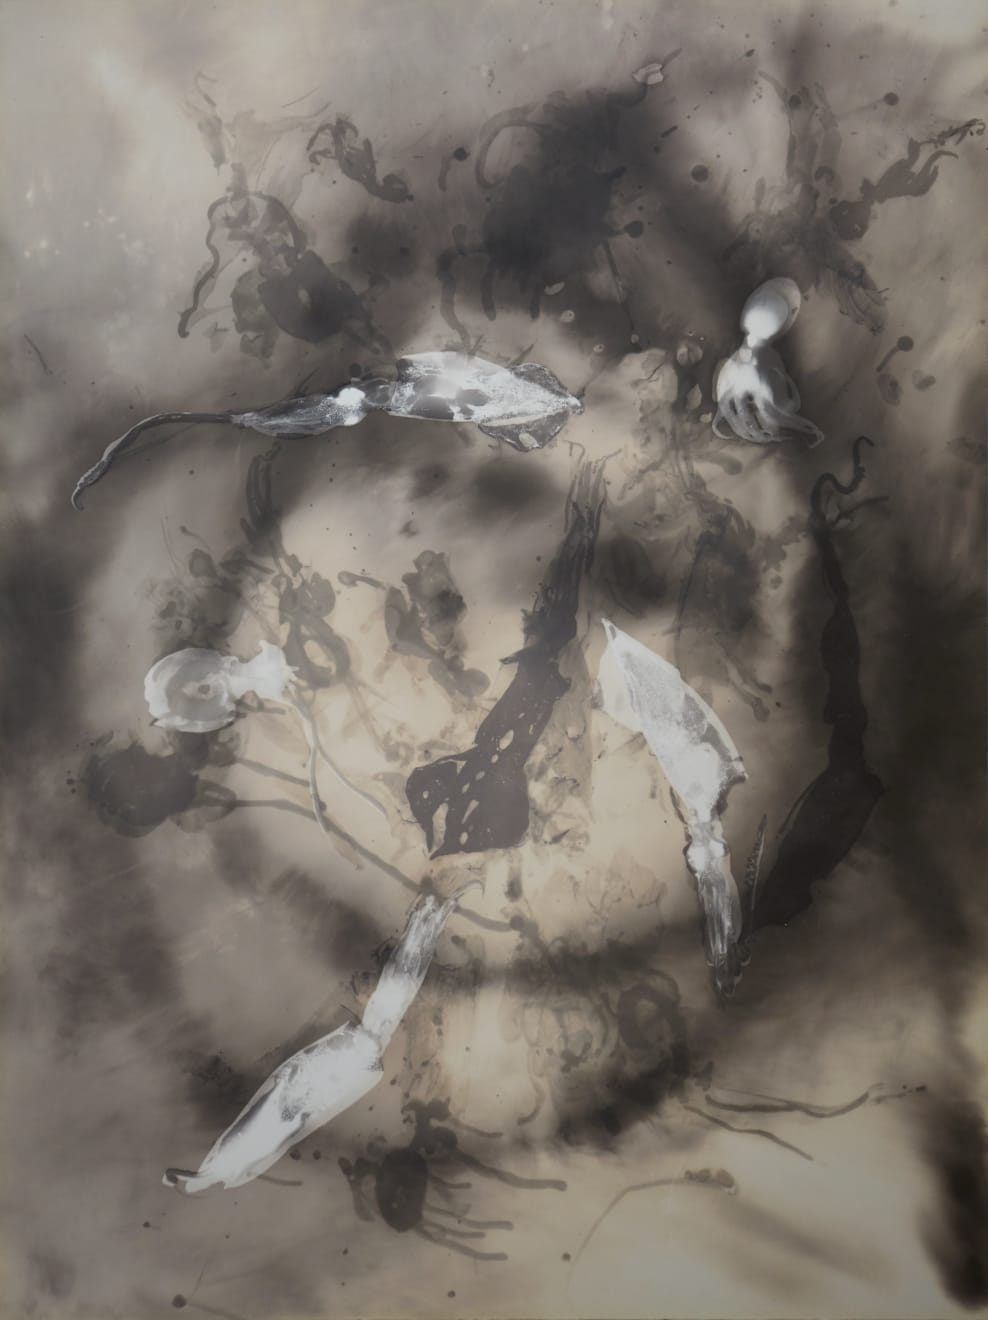 Kunié Sugiura, Squids 1, 1990